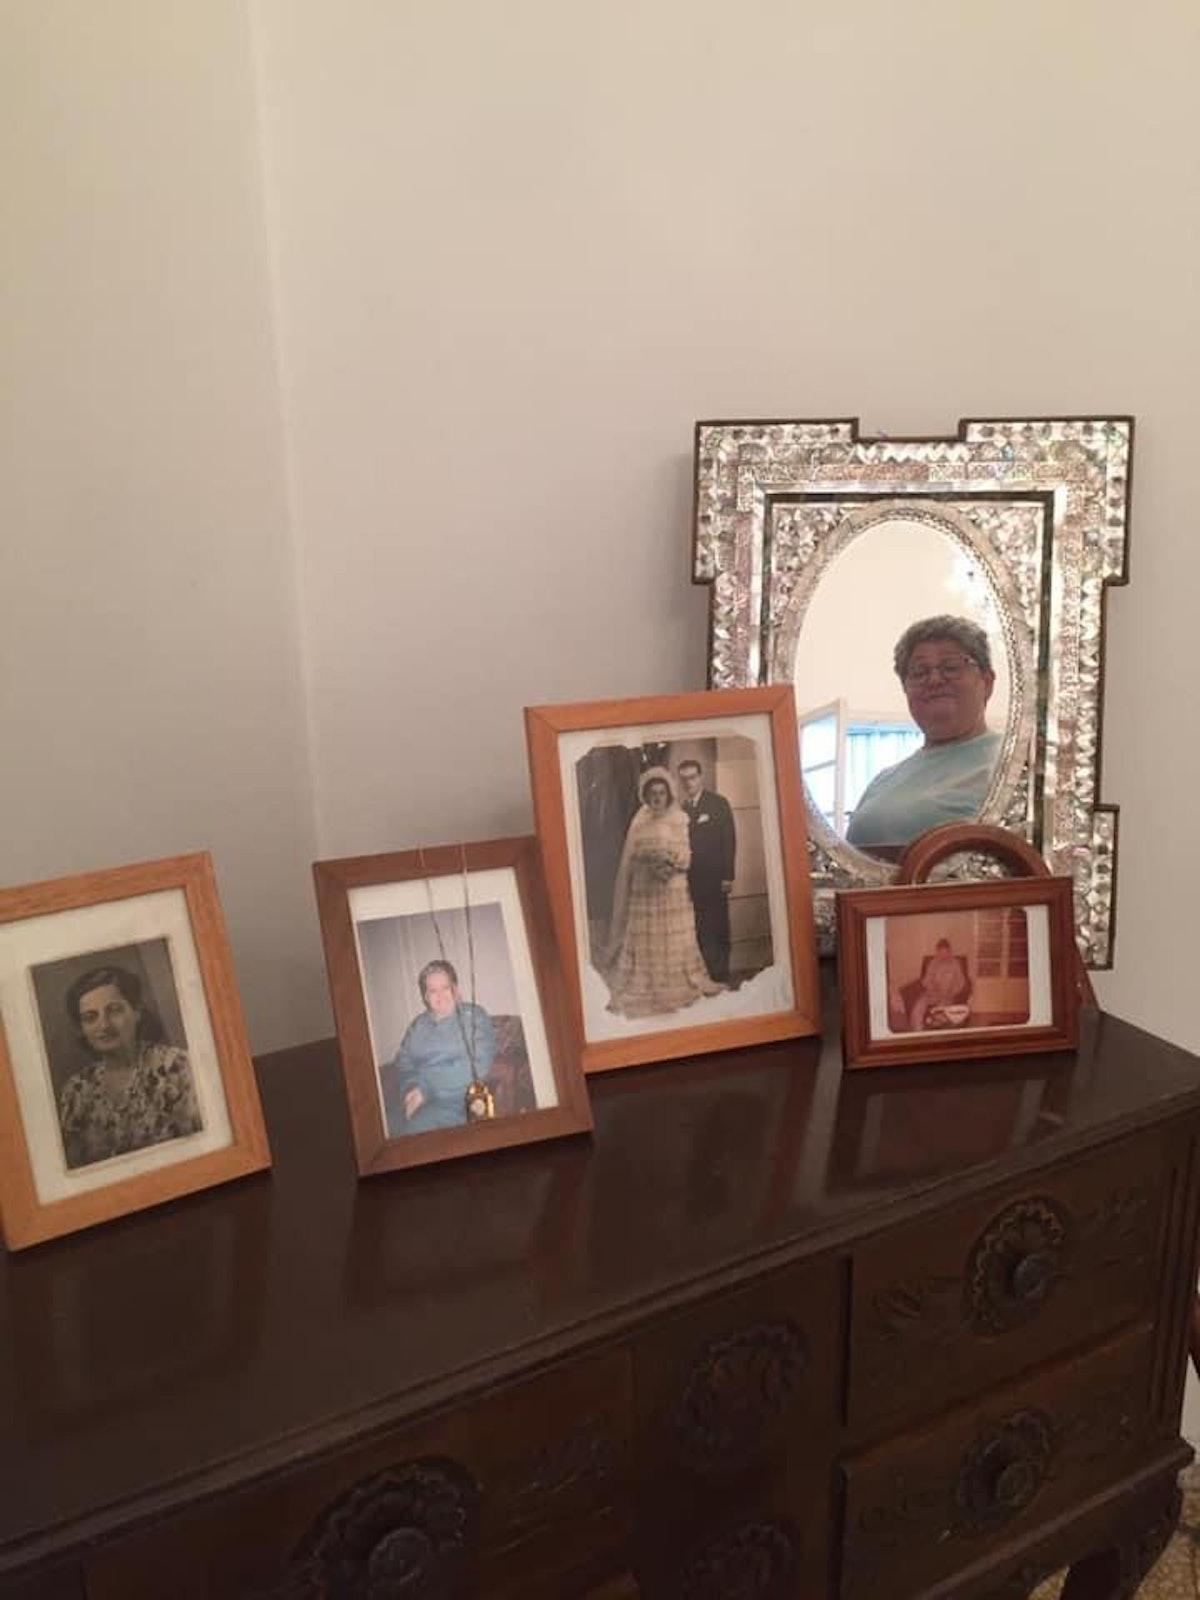 """انعكاس وجه رانية التنور في المرآة، إلى جانب صور فوتوغرافية قديمة، خلال عرض مسرحية """"وحدة"""" - الشرق"""